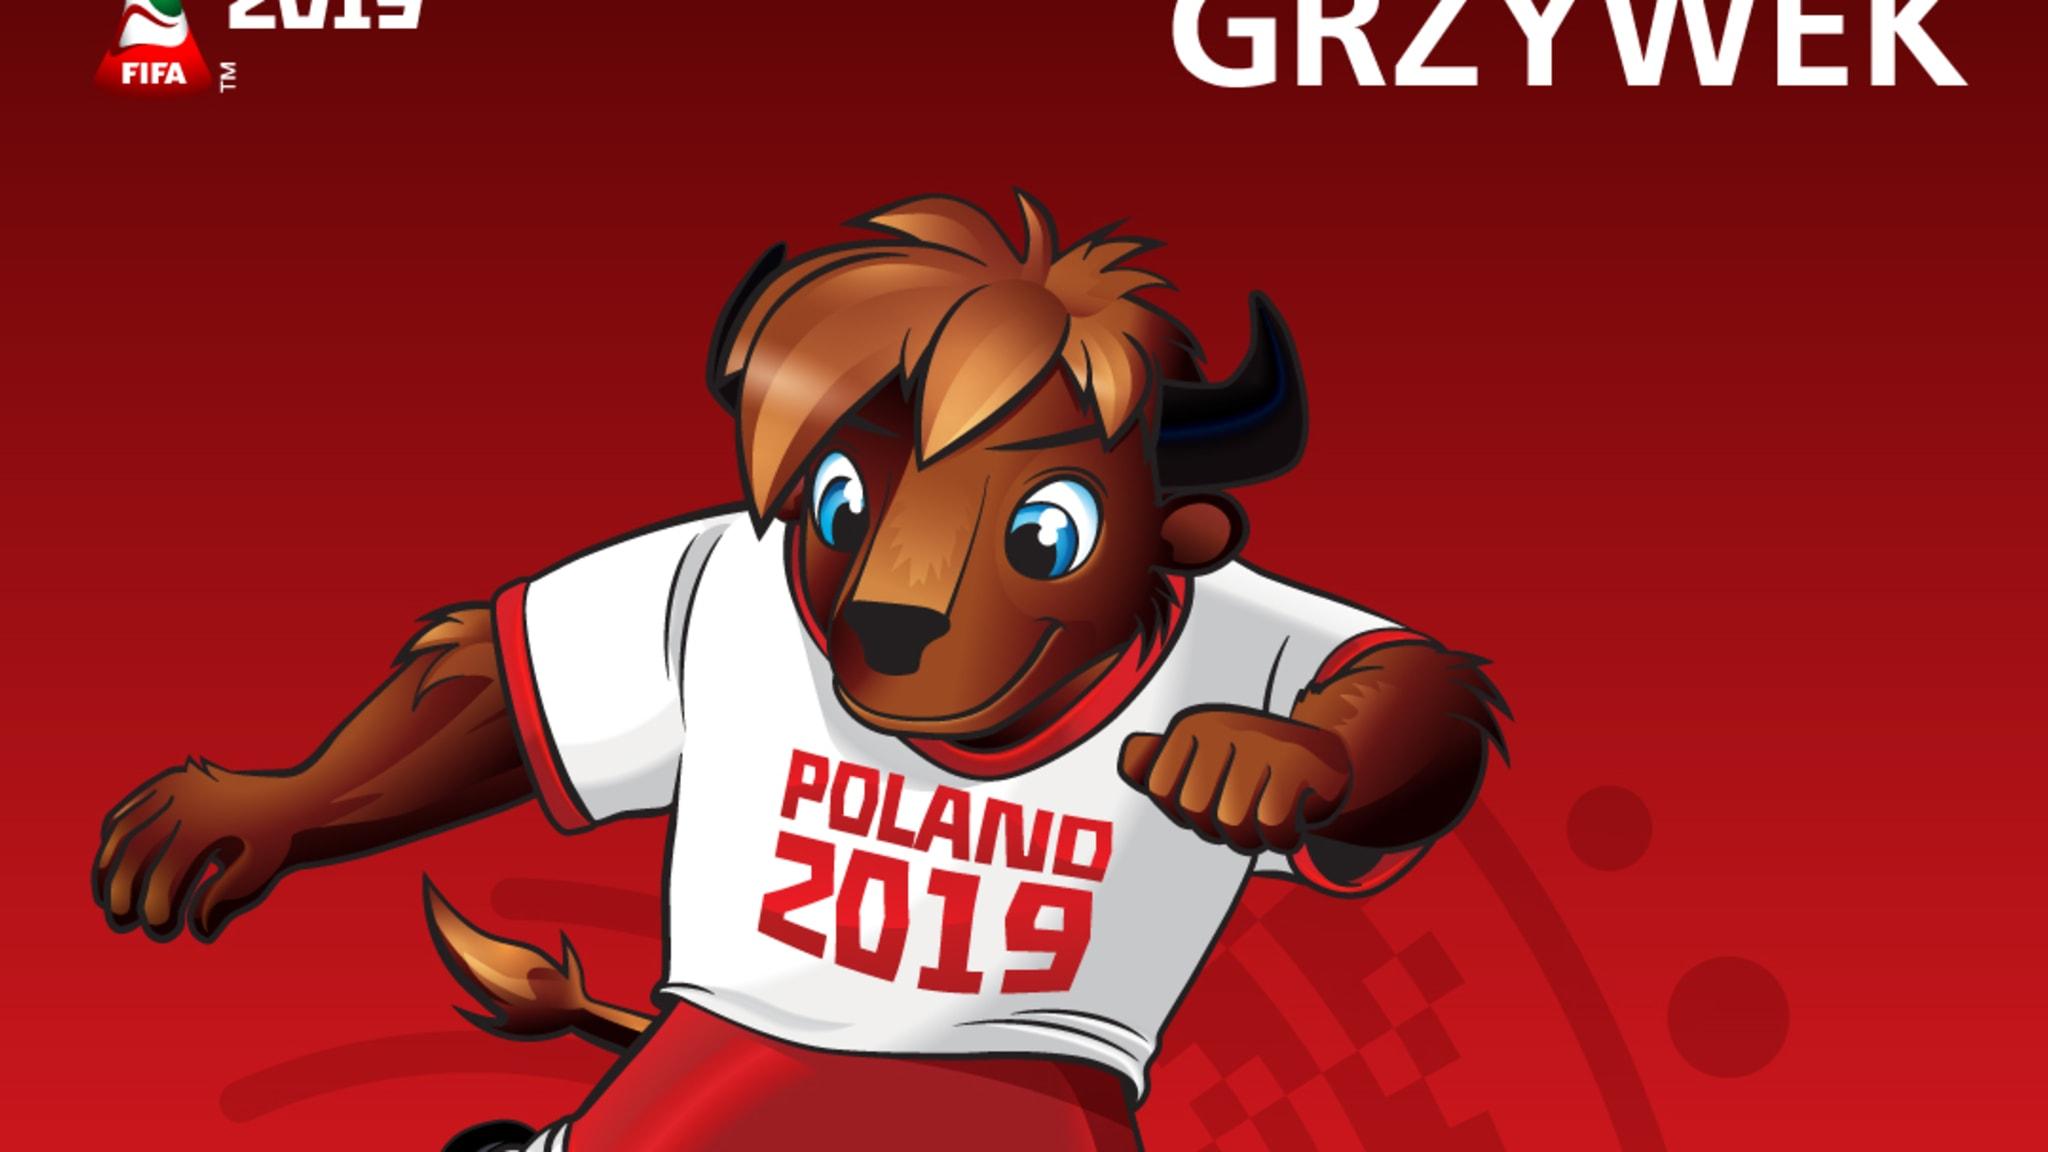 FIFA U 20 World Cup Poland 2019   News   Grzywek revealed as 2048x1152